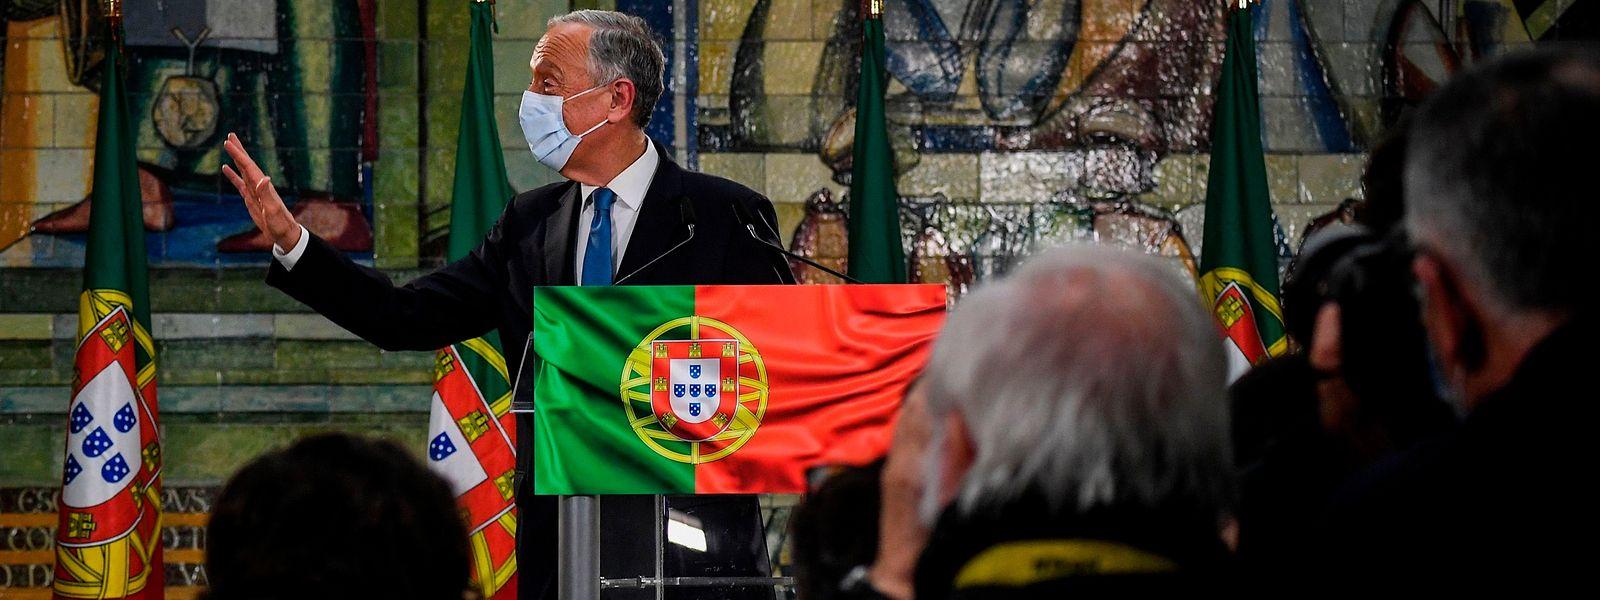 Marcelo Rebelo de Sousa no discurso da vitória nas presidenciais de janeiro de 2021, onde assegurou o segundo mandato à Presidência da República.